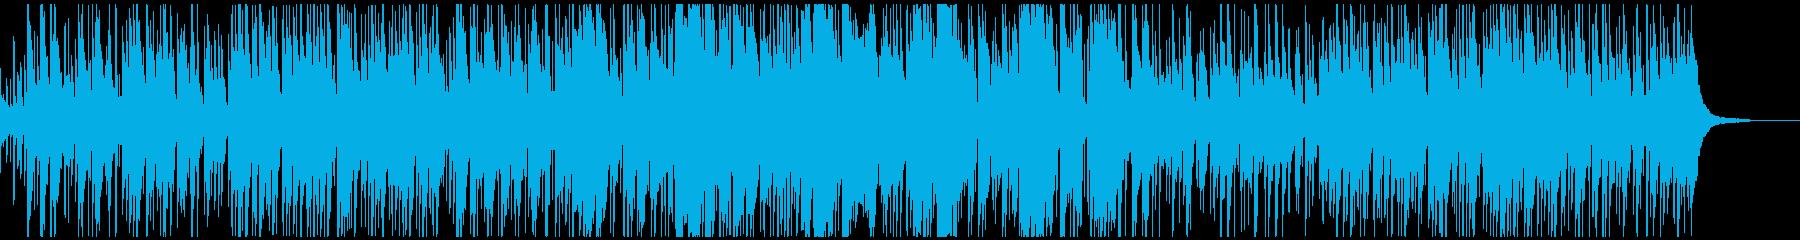 クリスマス曲・もろびとこぞりて・ボサノバの再生済みの波形